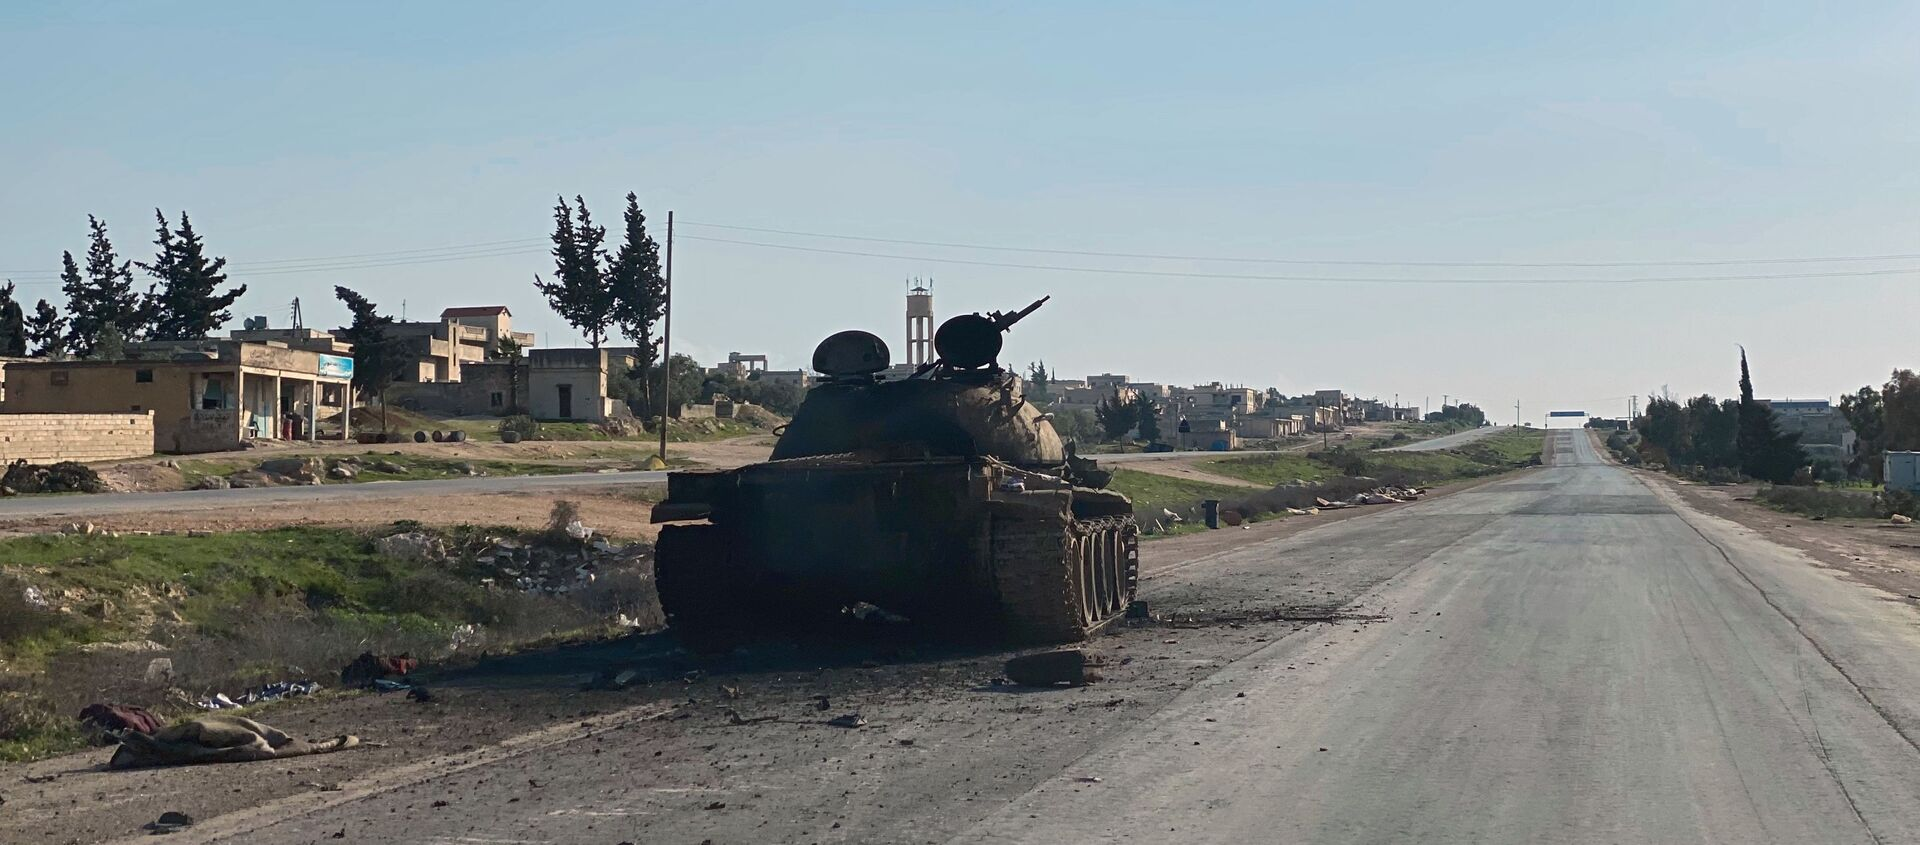 Освобожденная от боевиков автомобильная дорога  Дамаск - Алеппо в Сирии - Sputnik Армения, 1920, 06.08.2021